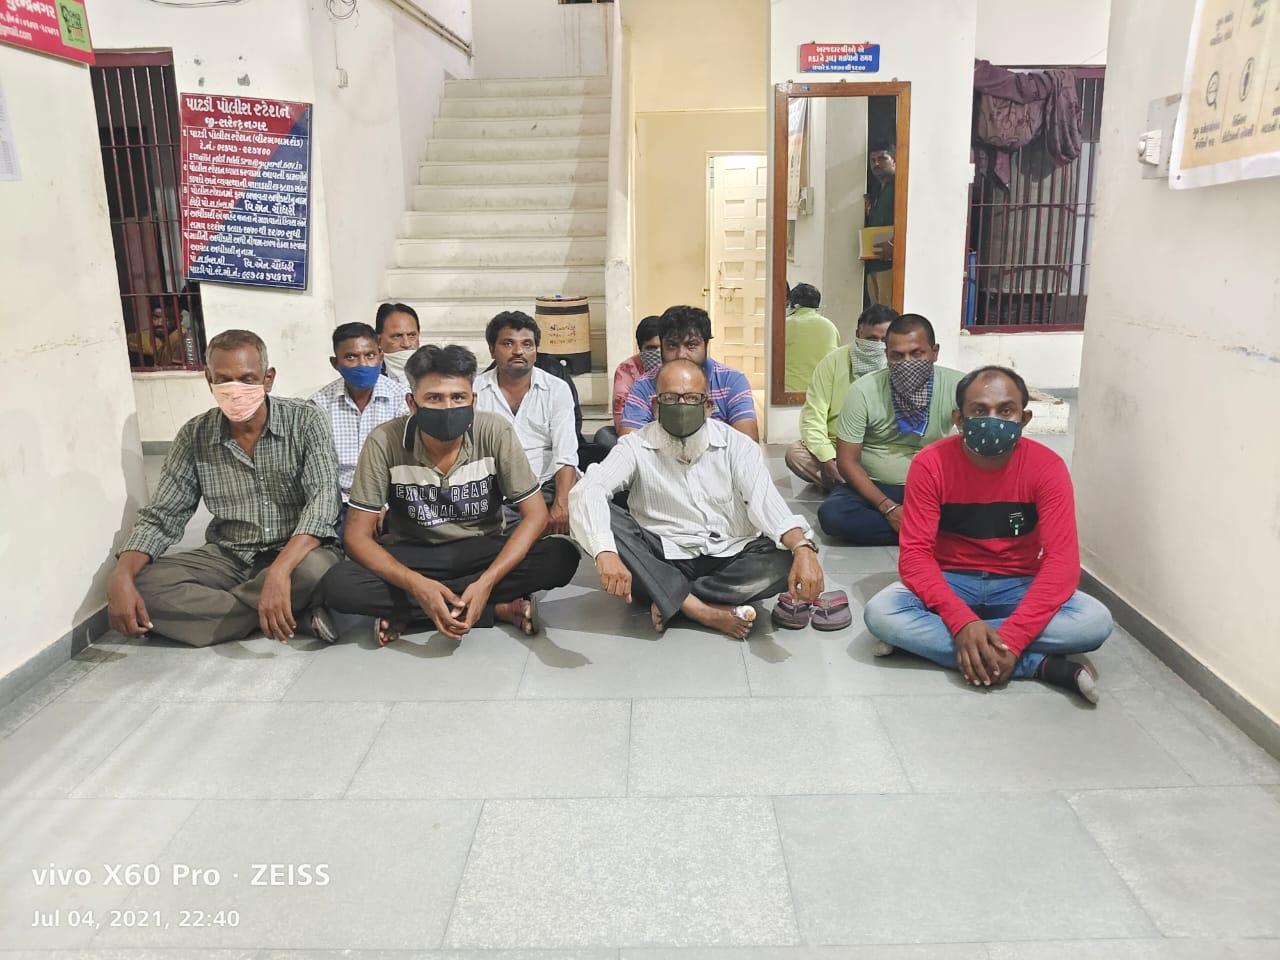 પાટડી તાલુકાના ઉપરીયાળા ગામેથી રૂ. 4.28 લાખના મુદામાલ સાથે અમદાવાદના 12 જુગારીઓ ઝડપાયા - Divya Bhaskar